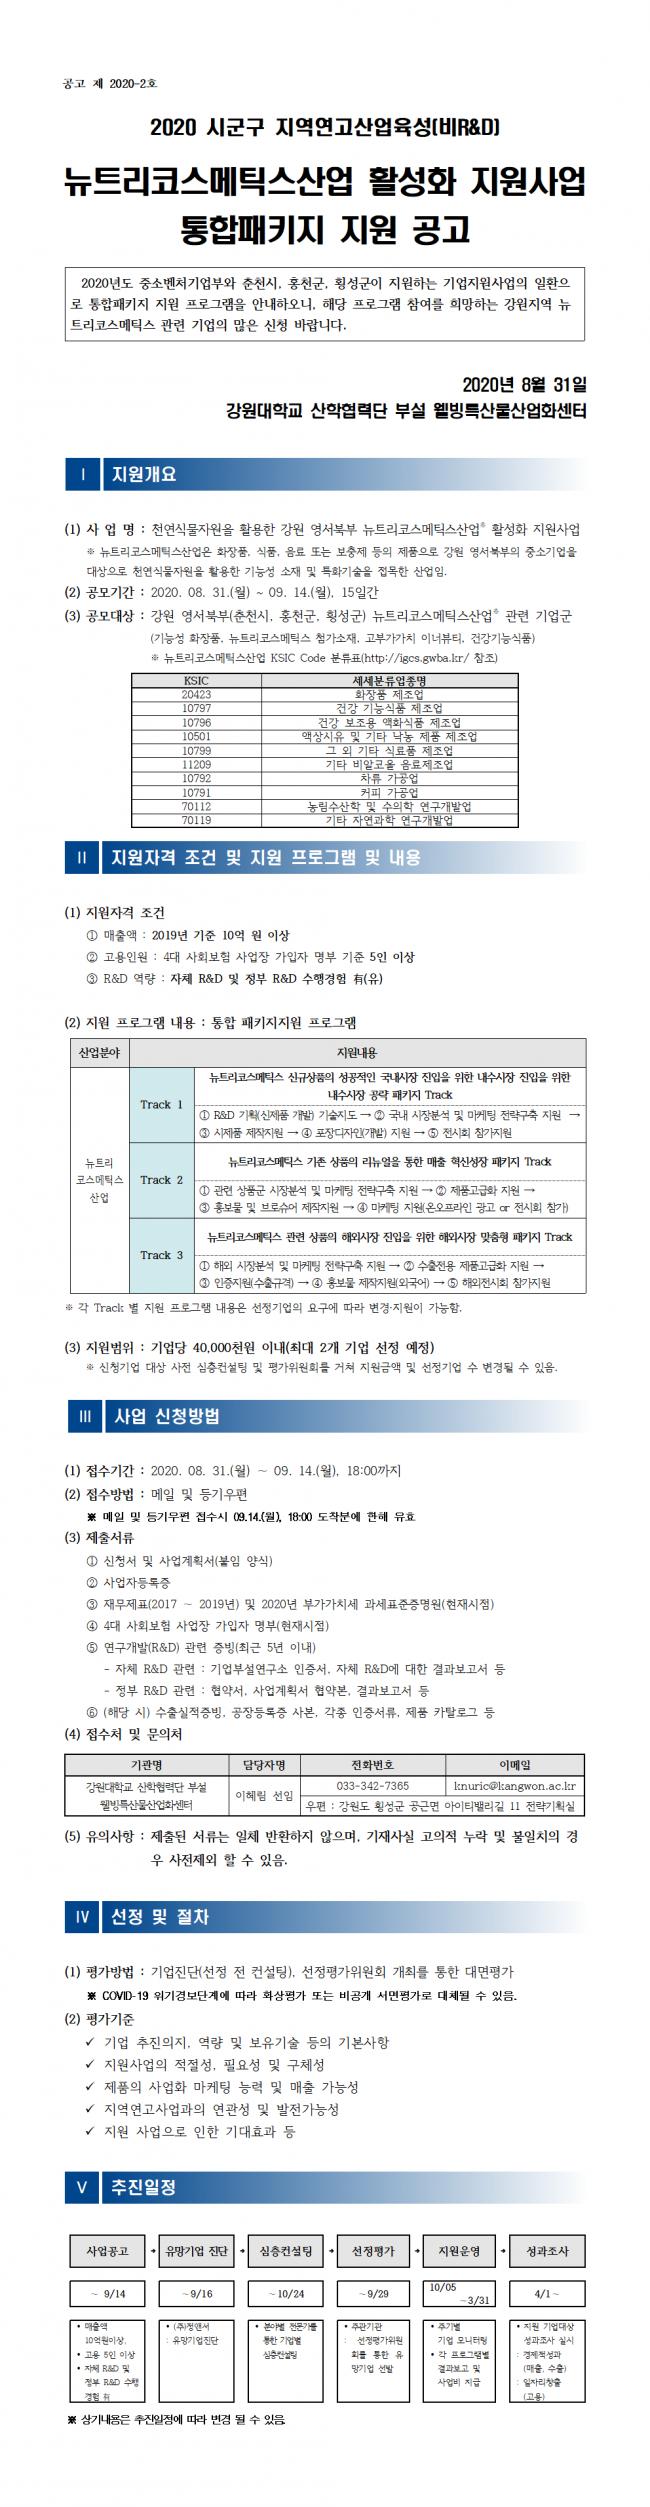 붙임 1. (시군구 공고) 통합패키지지원 공고문_최종001.png